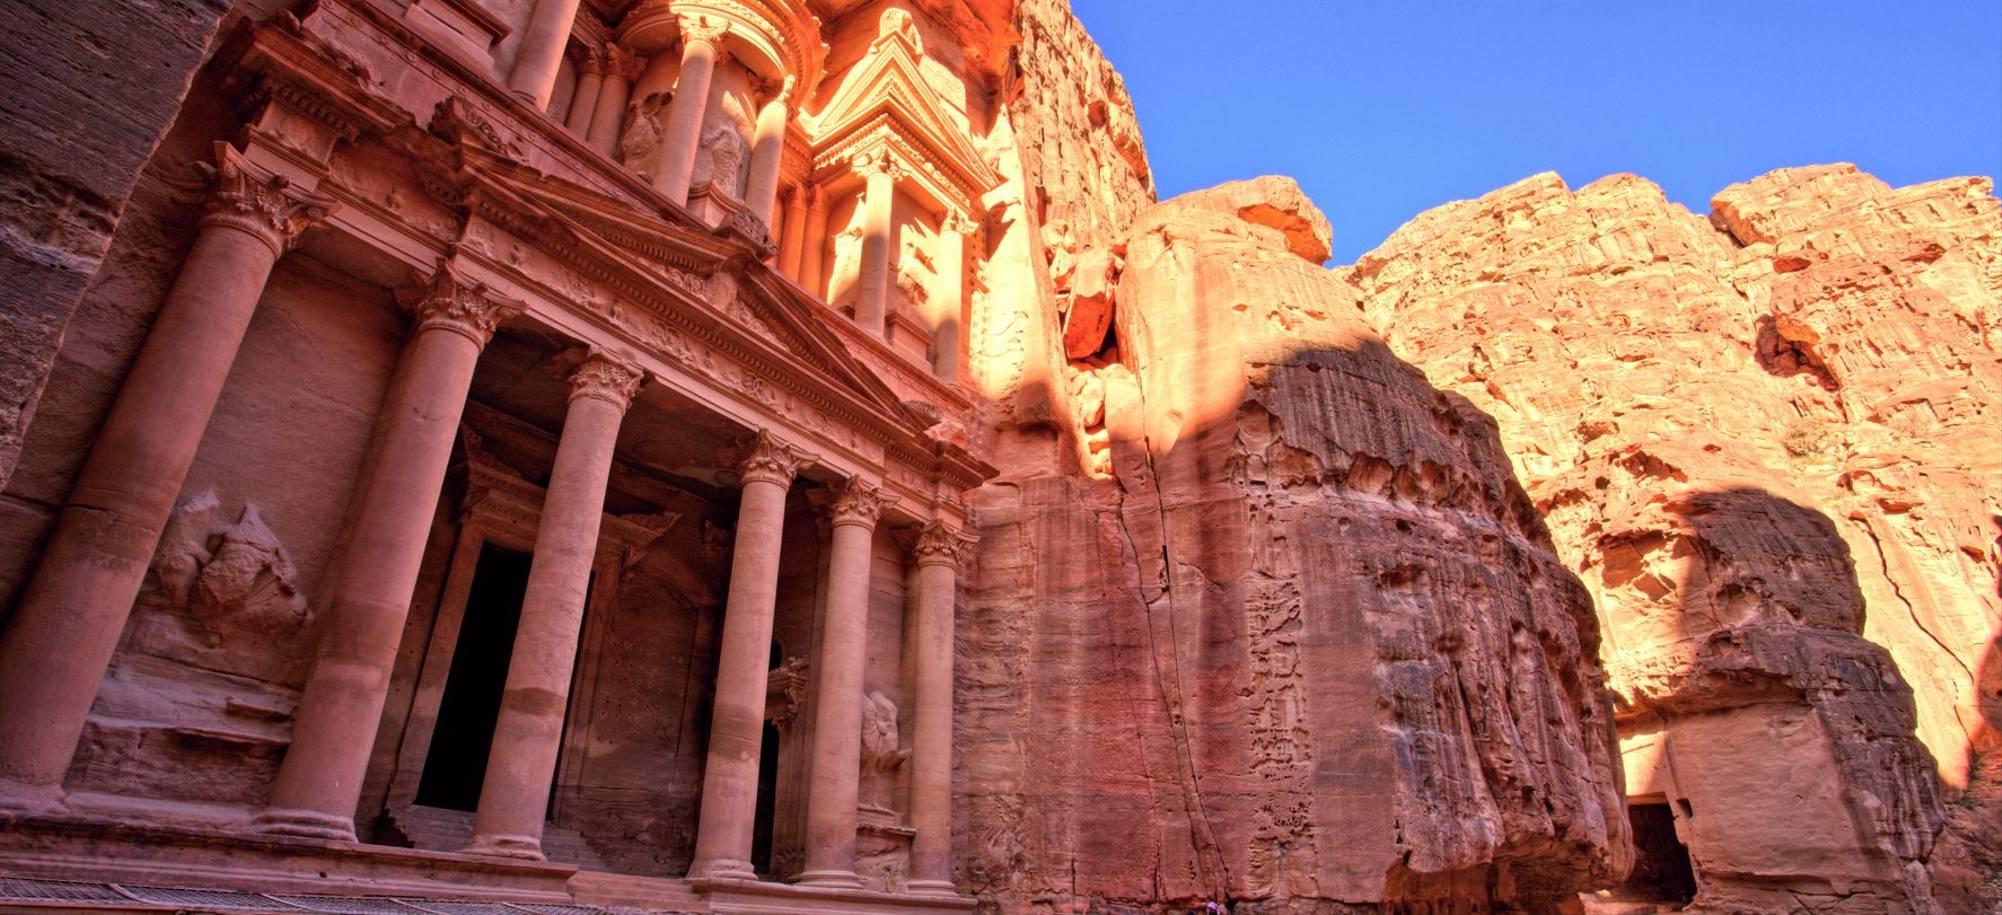 Aqaba - Petra - Itinerary Desktop .jpg